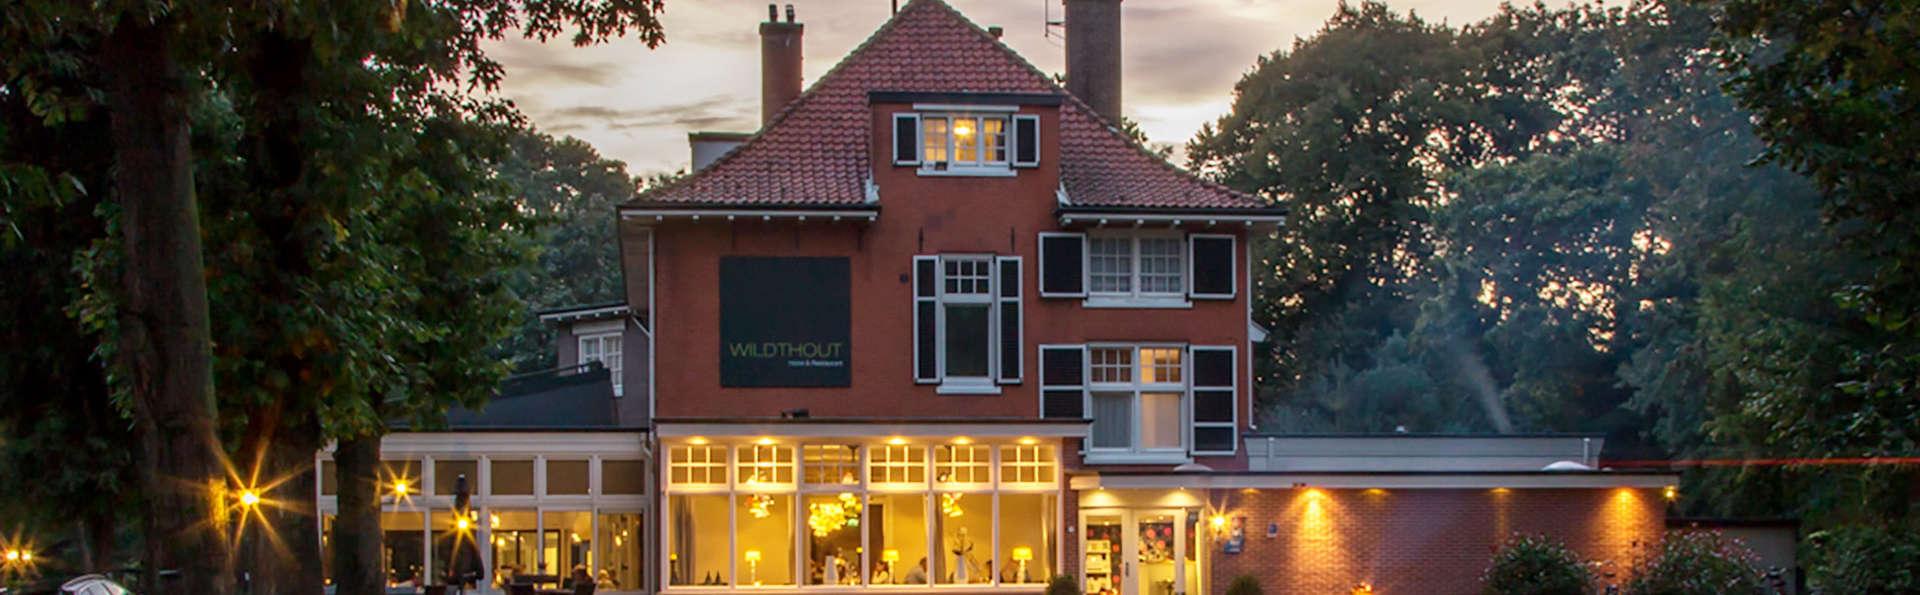 charme hotel wildthout 3 ommen nederland. Black Bedroom Furniture Sets. Home Design Ideas